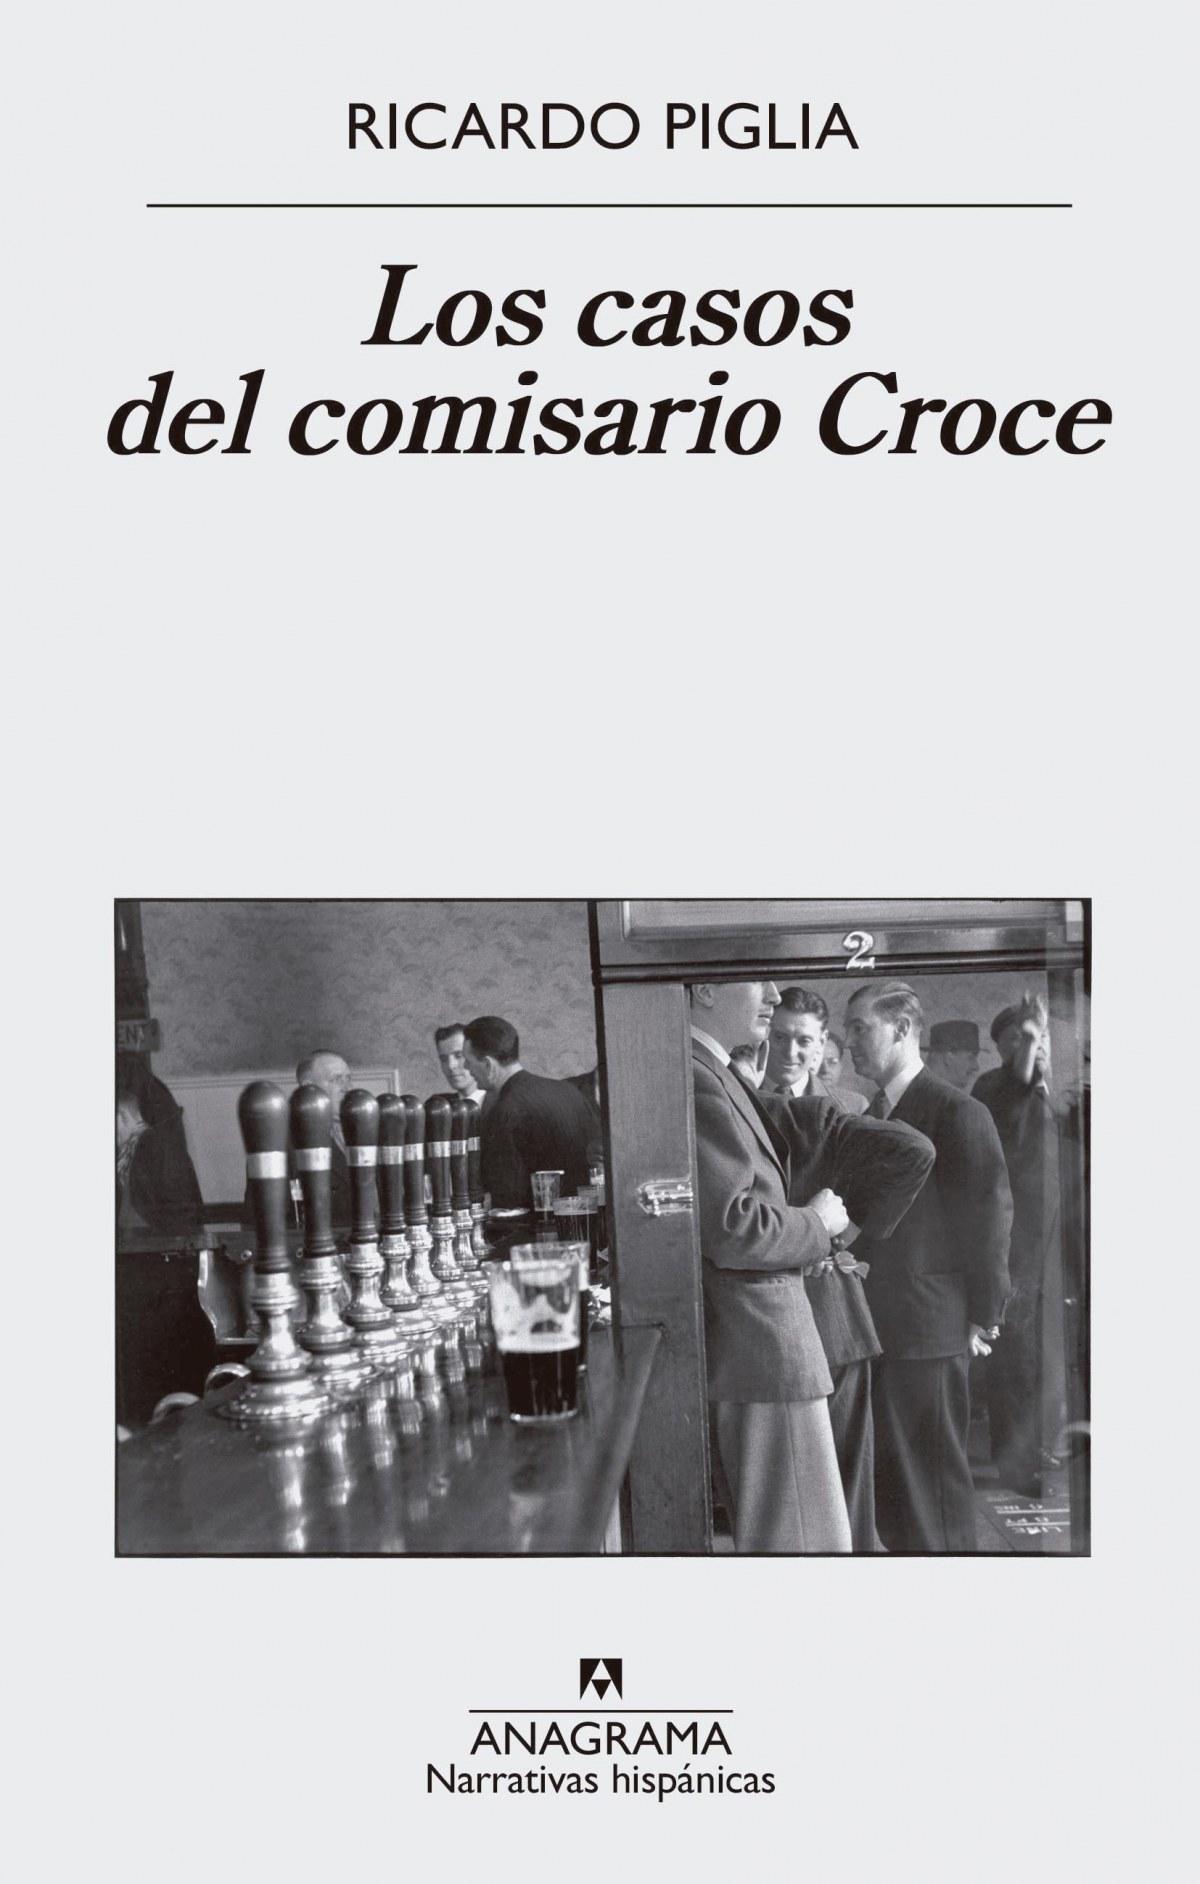 LOS CASOS DEL COMISARIO CROCE 9788433998606